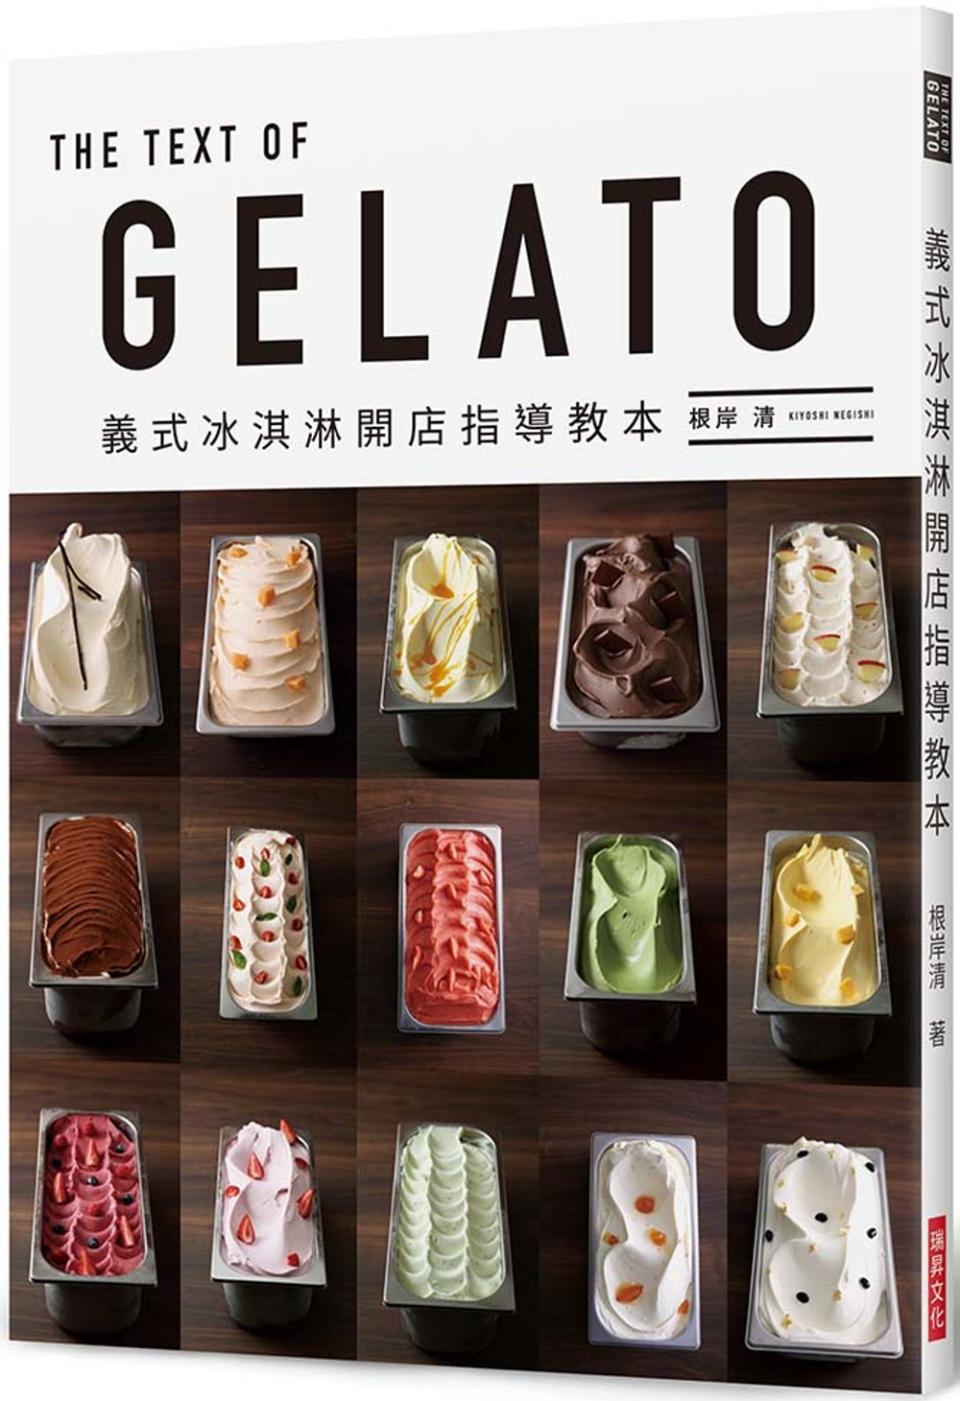 GELATO 義式冰淇淋開店指導教本